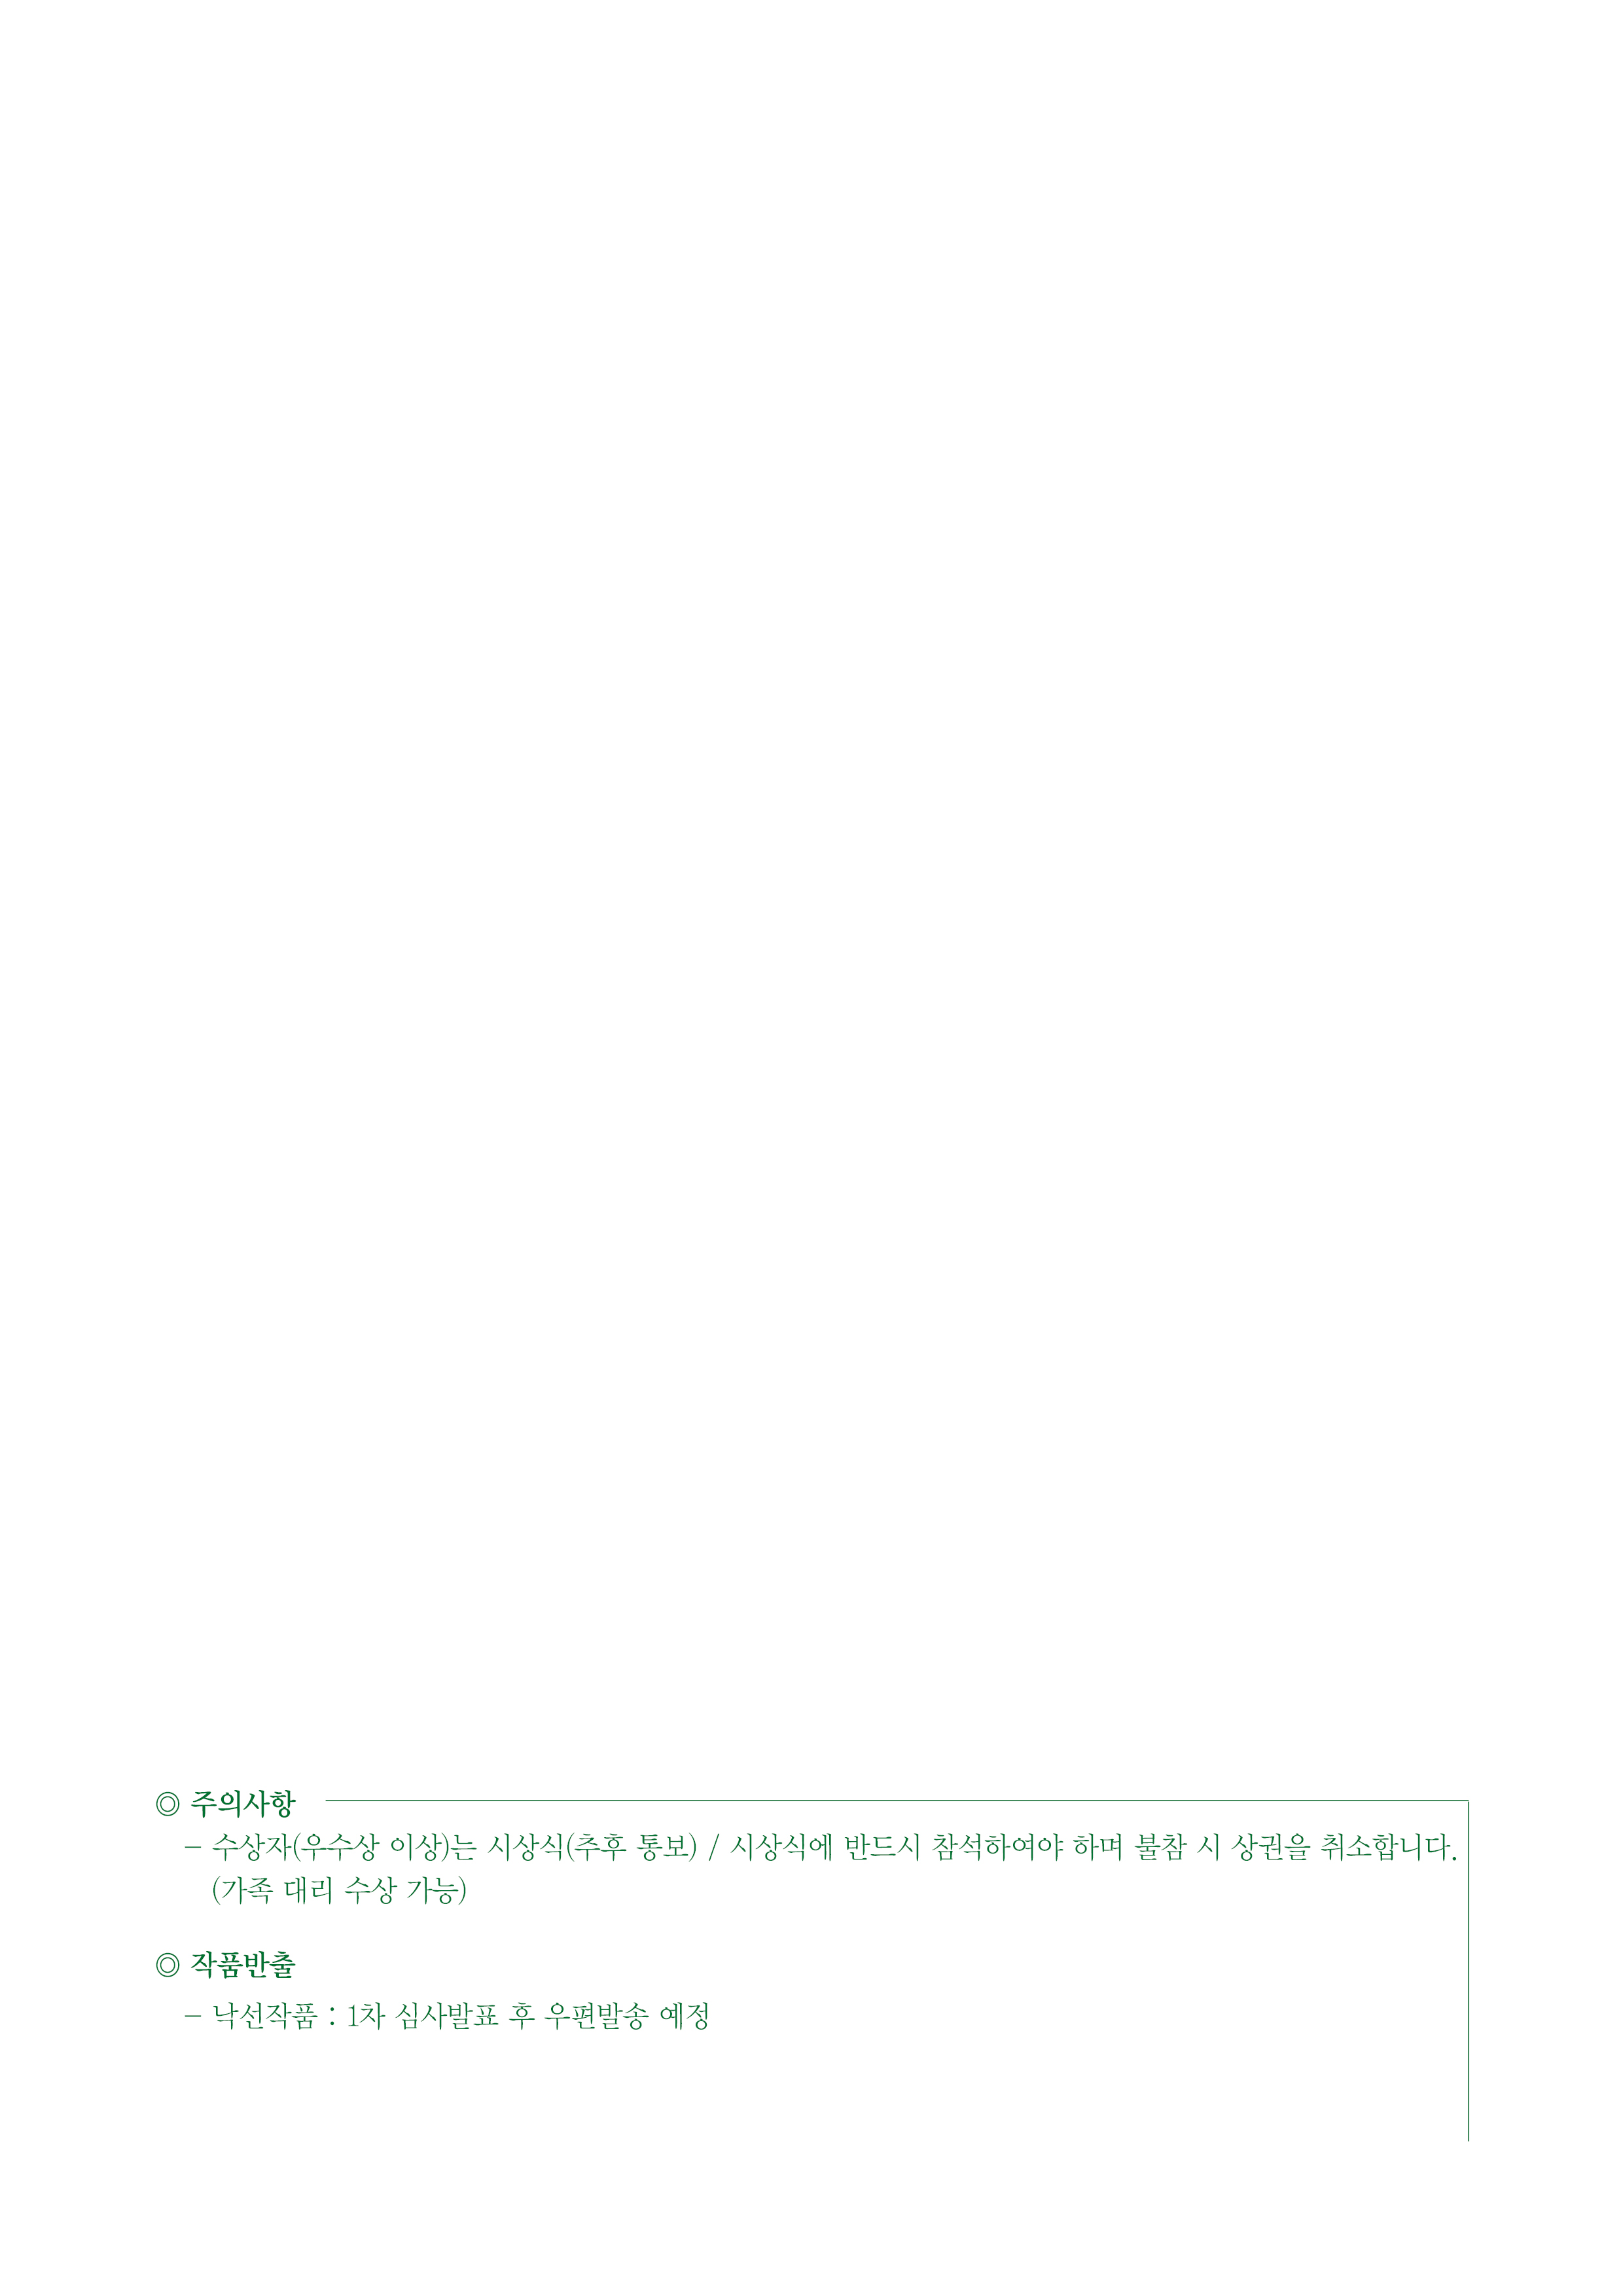 제22회 정수서예문인화대전 출품원서4.jpg